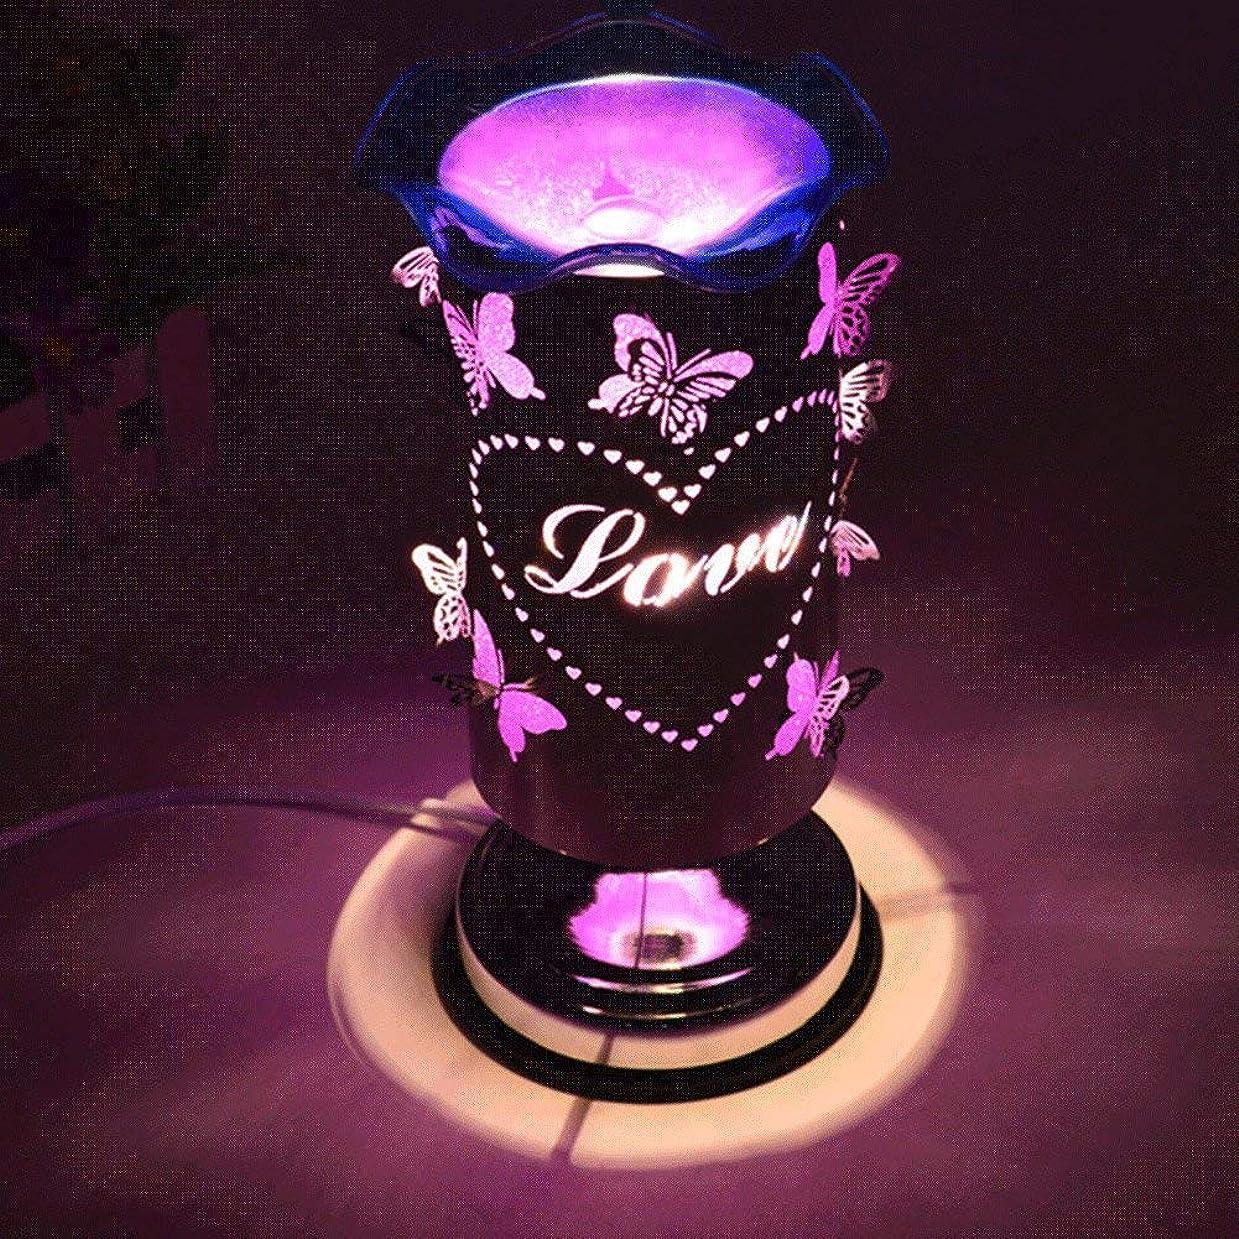 引き受ける人事着実にバタフライアロマランププラグイン調節可能なライトエッセンシャルオイルランプ香炉バーナーベッドサイドデスクランプロマンチックギフトアロマランプ